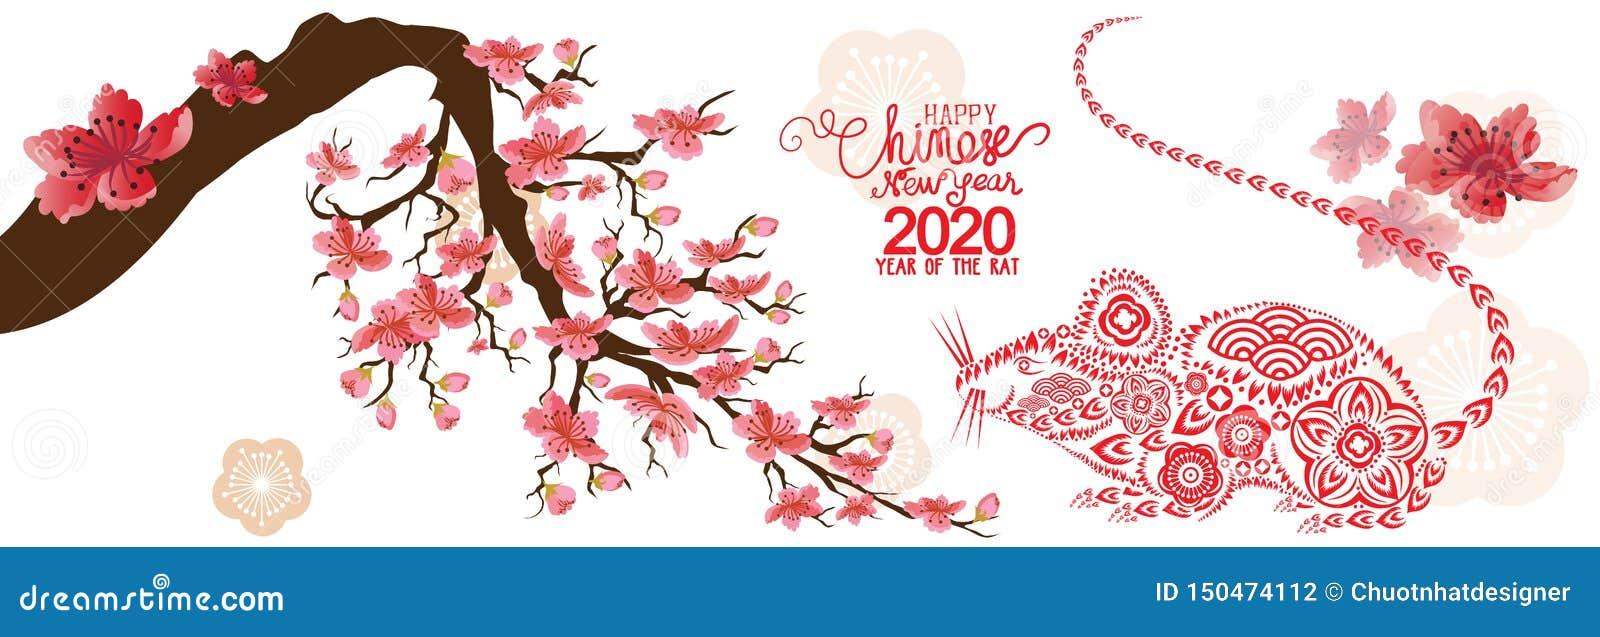 chinese new year 2020 - photo #47